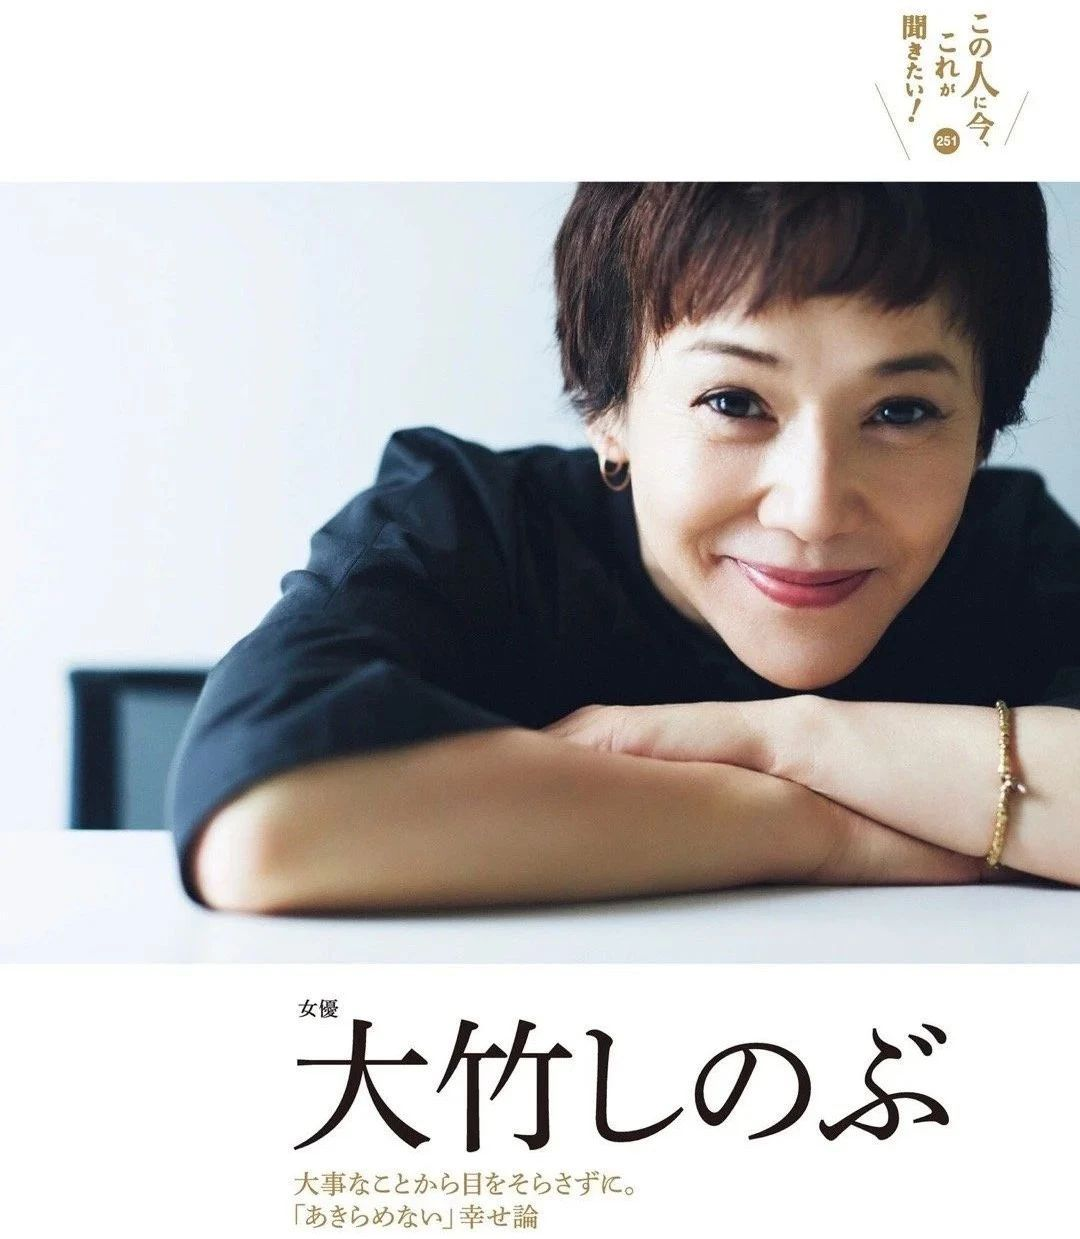 日本国宝级艺人大竹忍传奇一身不仅体现遵从内心去生活的决心还可窥见女性身上的韧劲 (1)